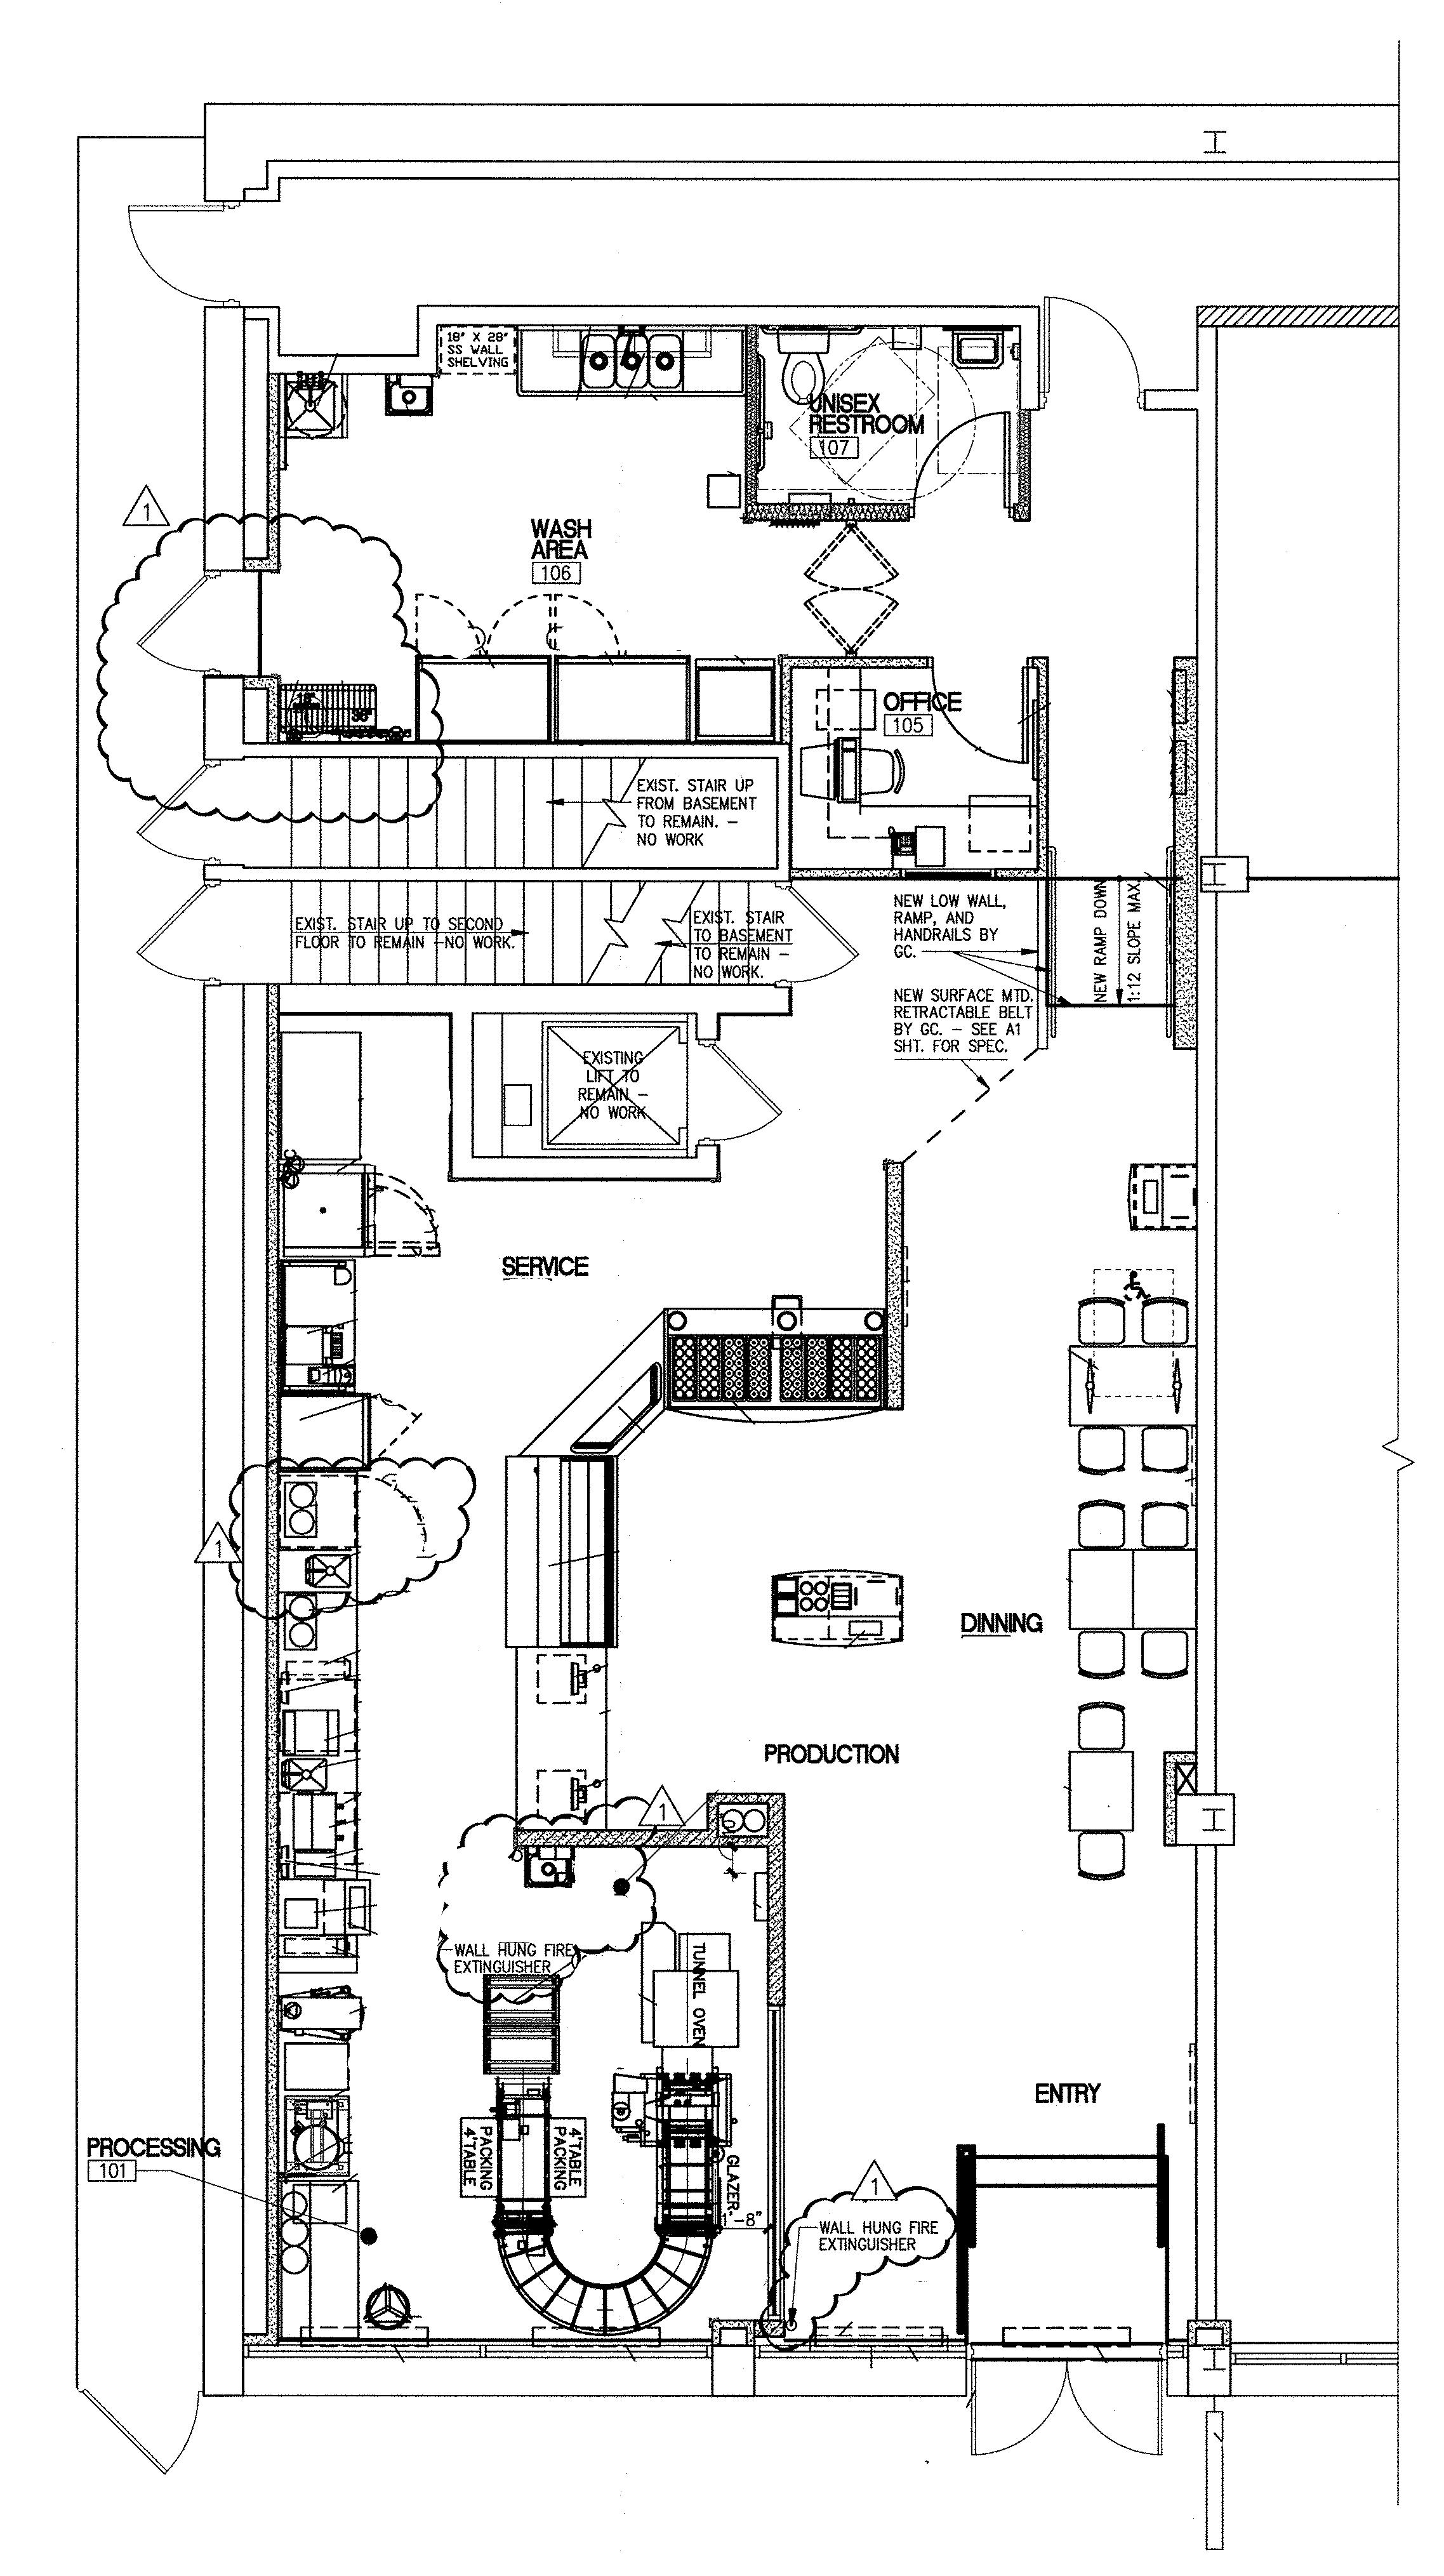 Floor Plan For Krispy Kreme Chestnut Street